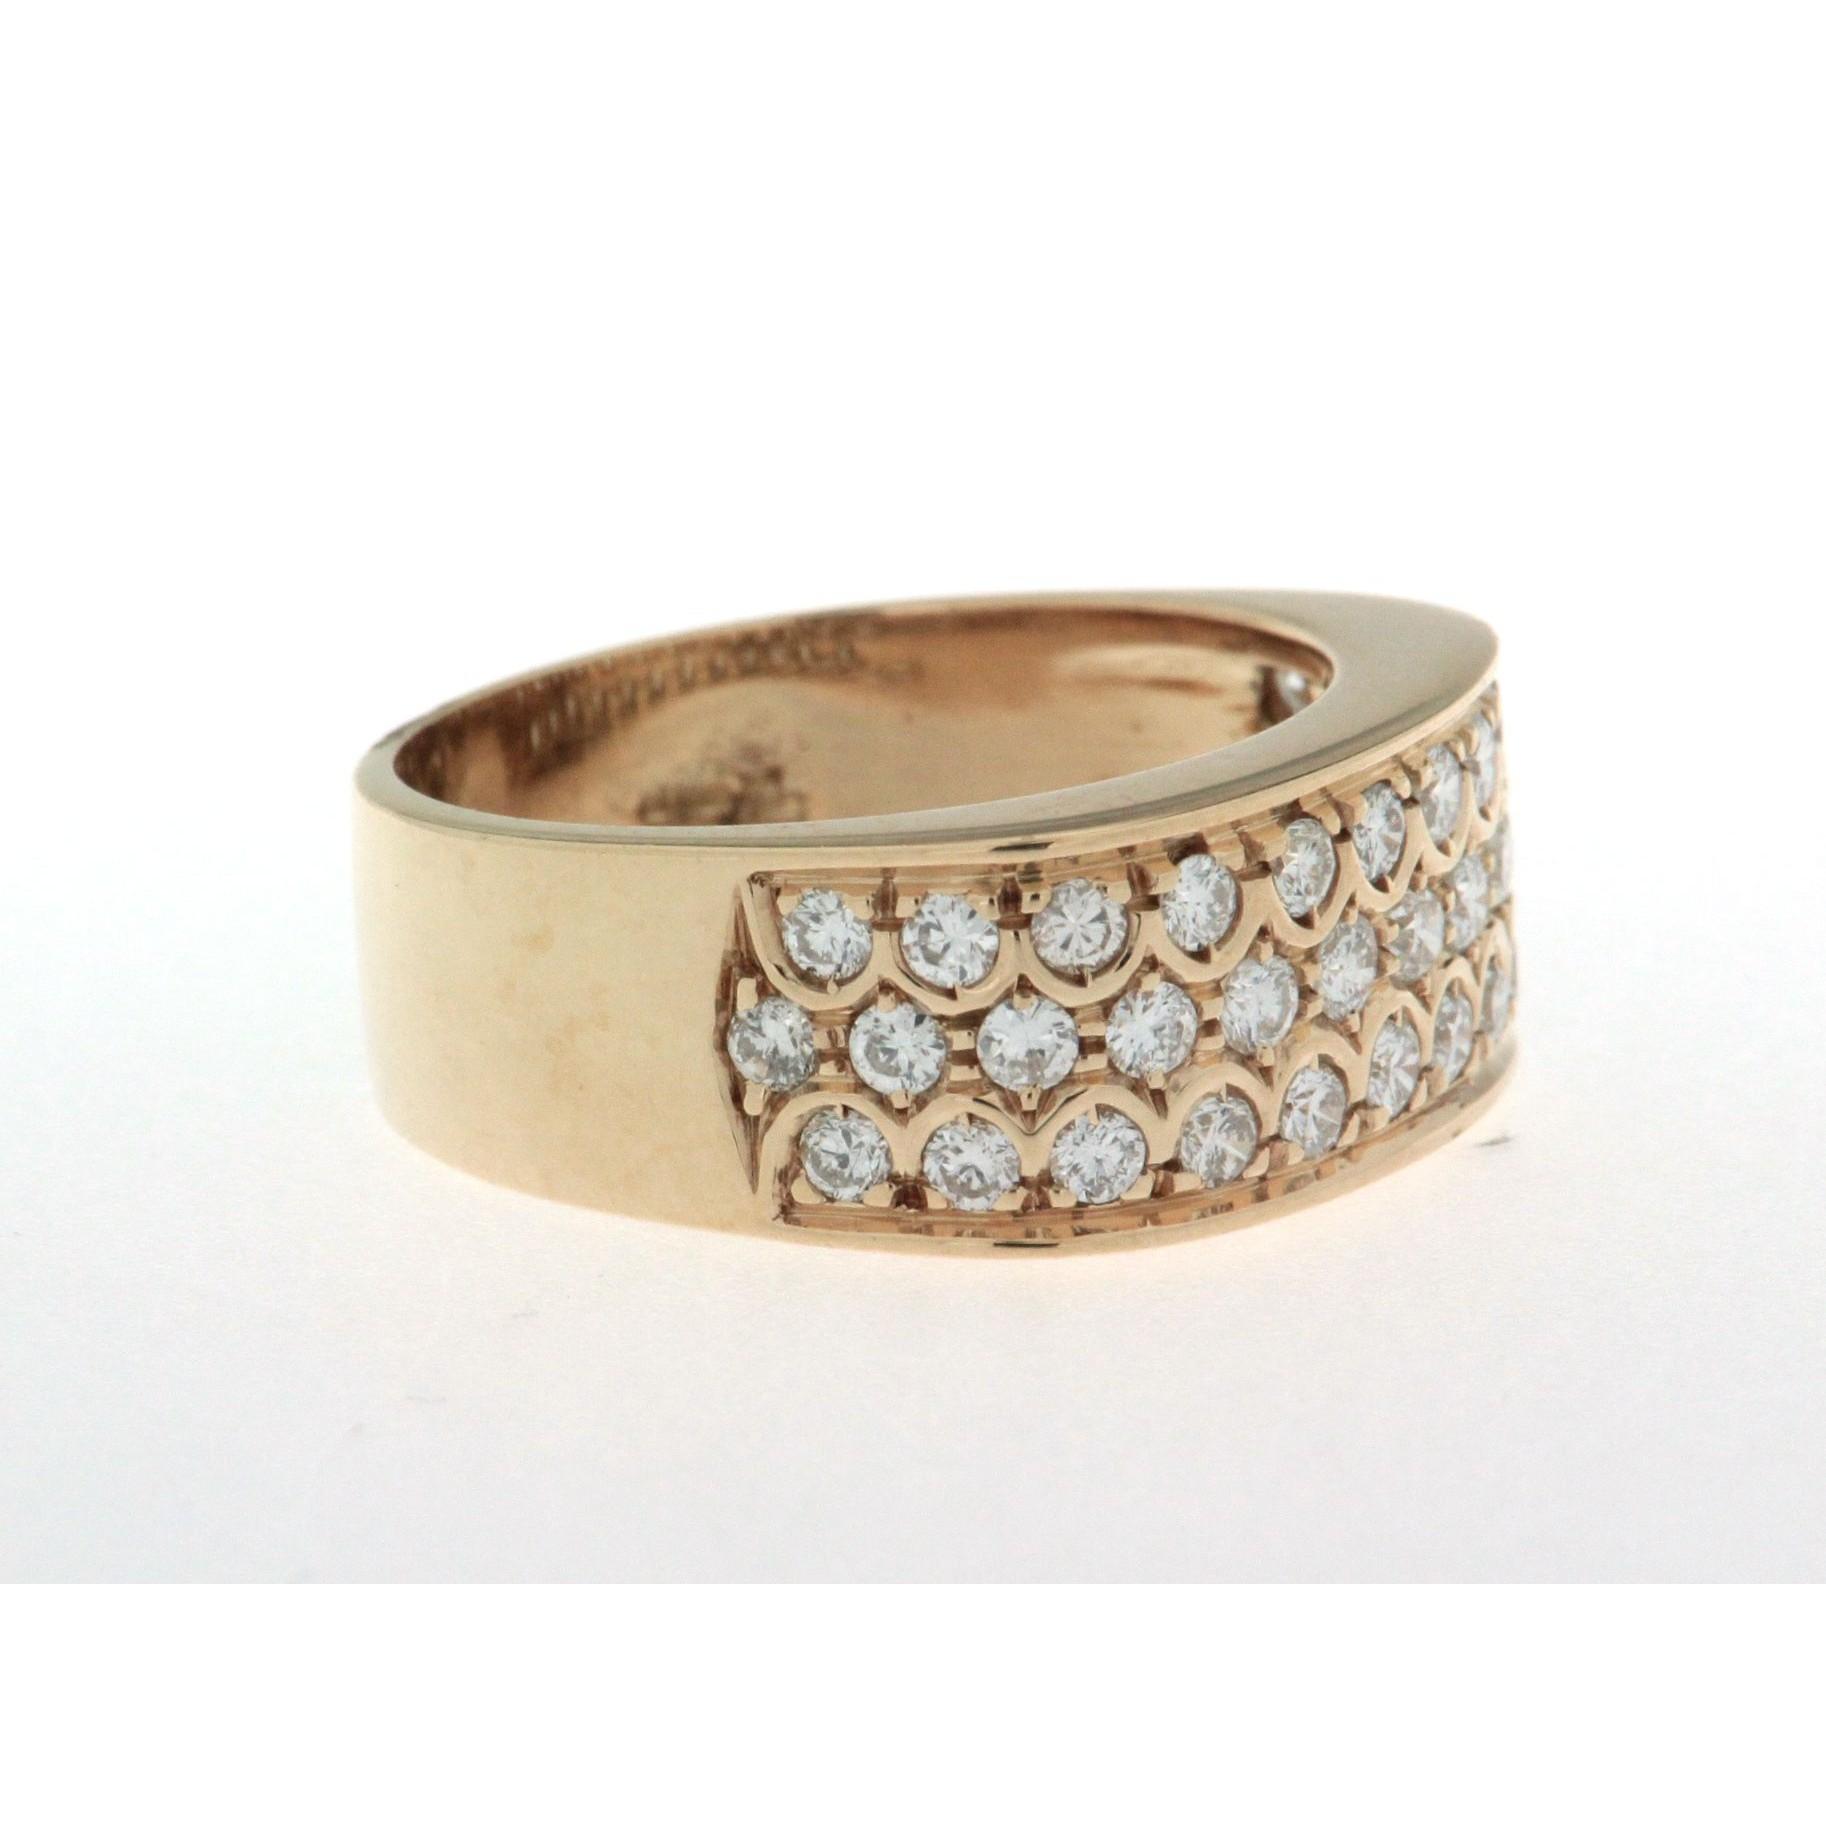 bague anneau large en or jaune 18k avec pav de diamants neuve. Black Bedroom Furniture Sets. Home Design Ideas